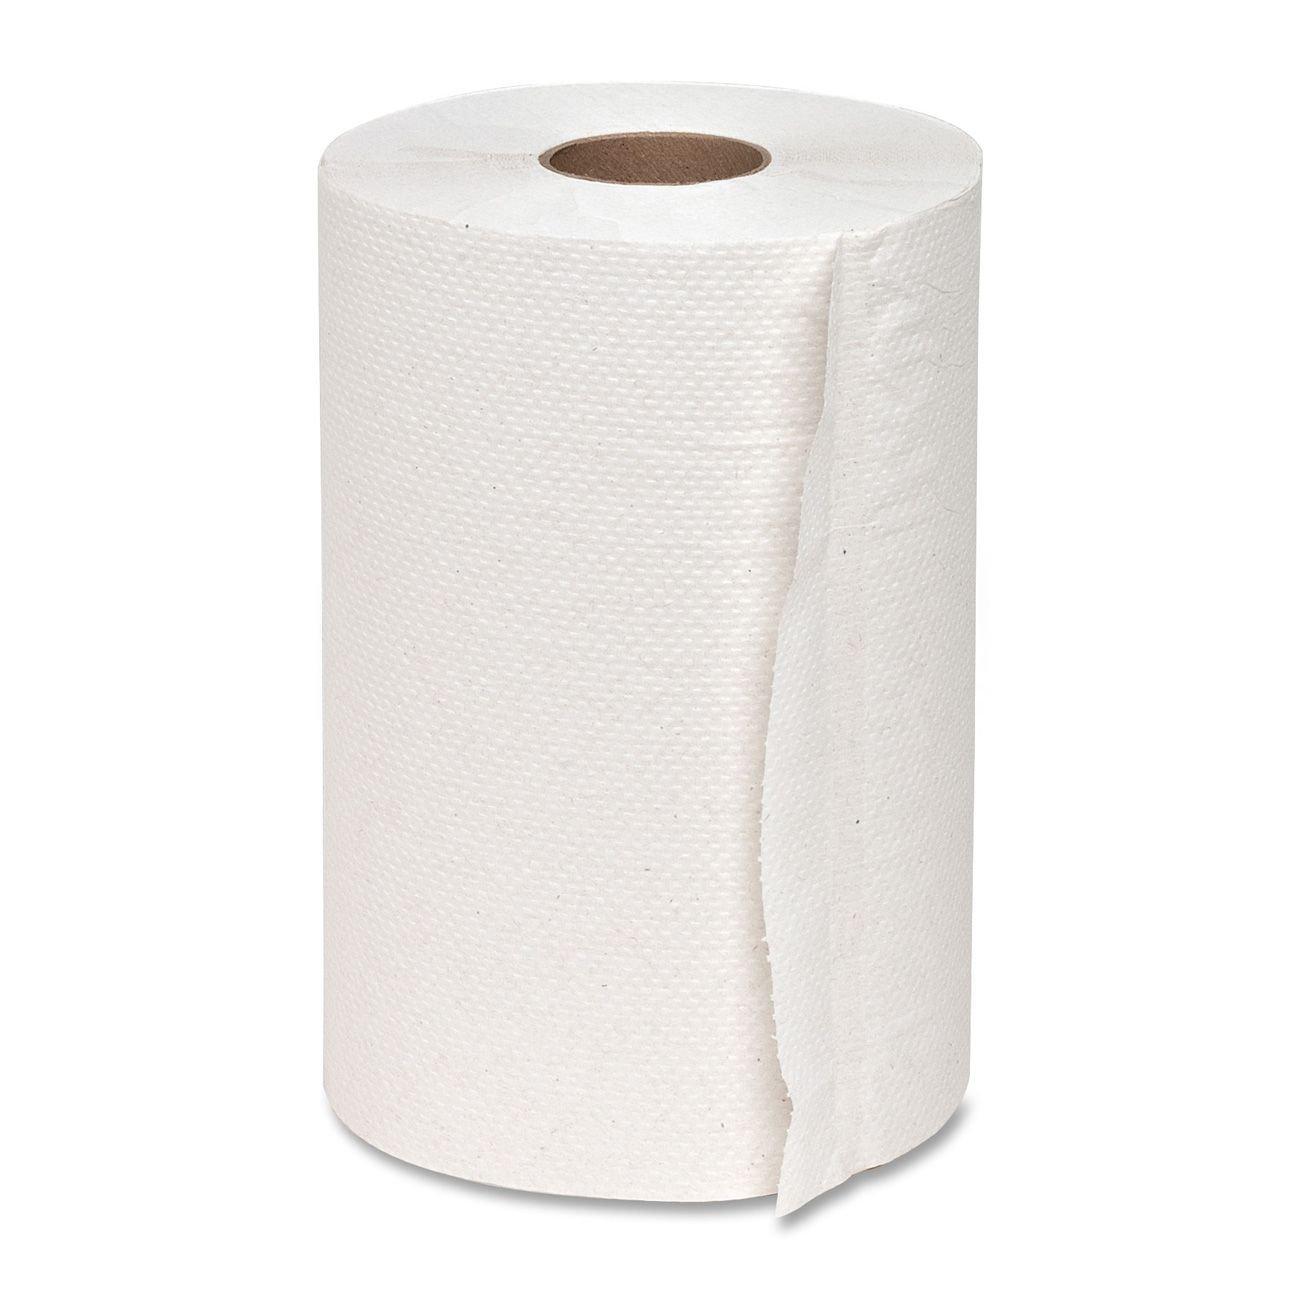 Genuine Joe GJO22300 Hard Wound Roll Towel, 350' Length x 7-8/9'' Width, White (Case of 12)